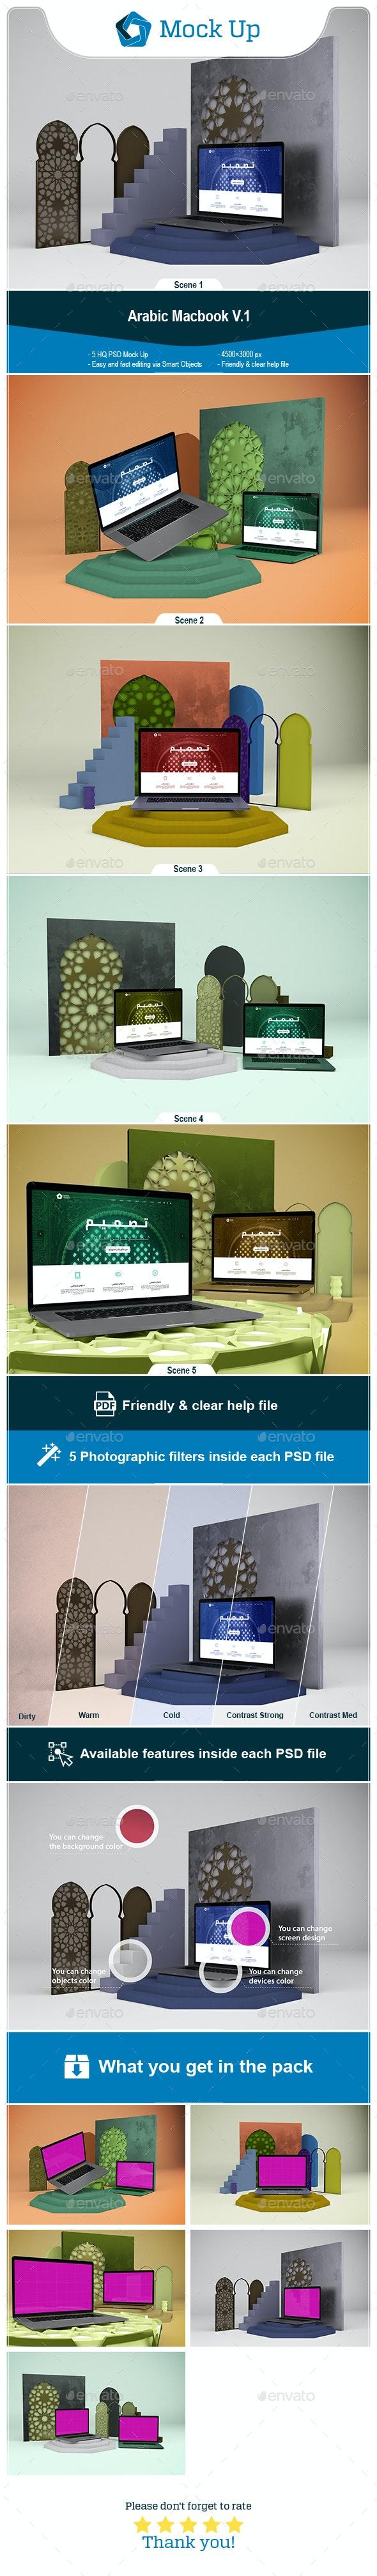 Arabic Laptop V.1 Mockup - Website Displays